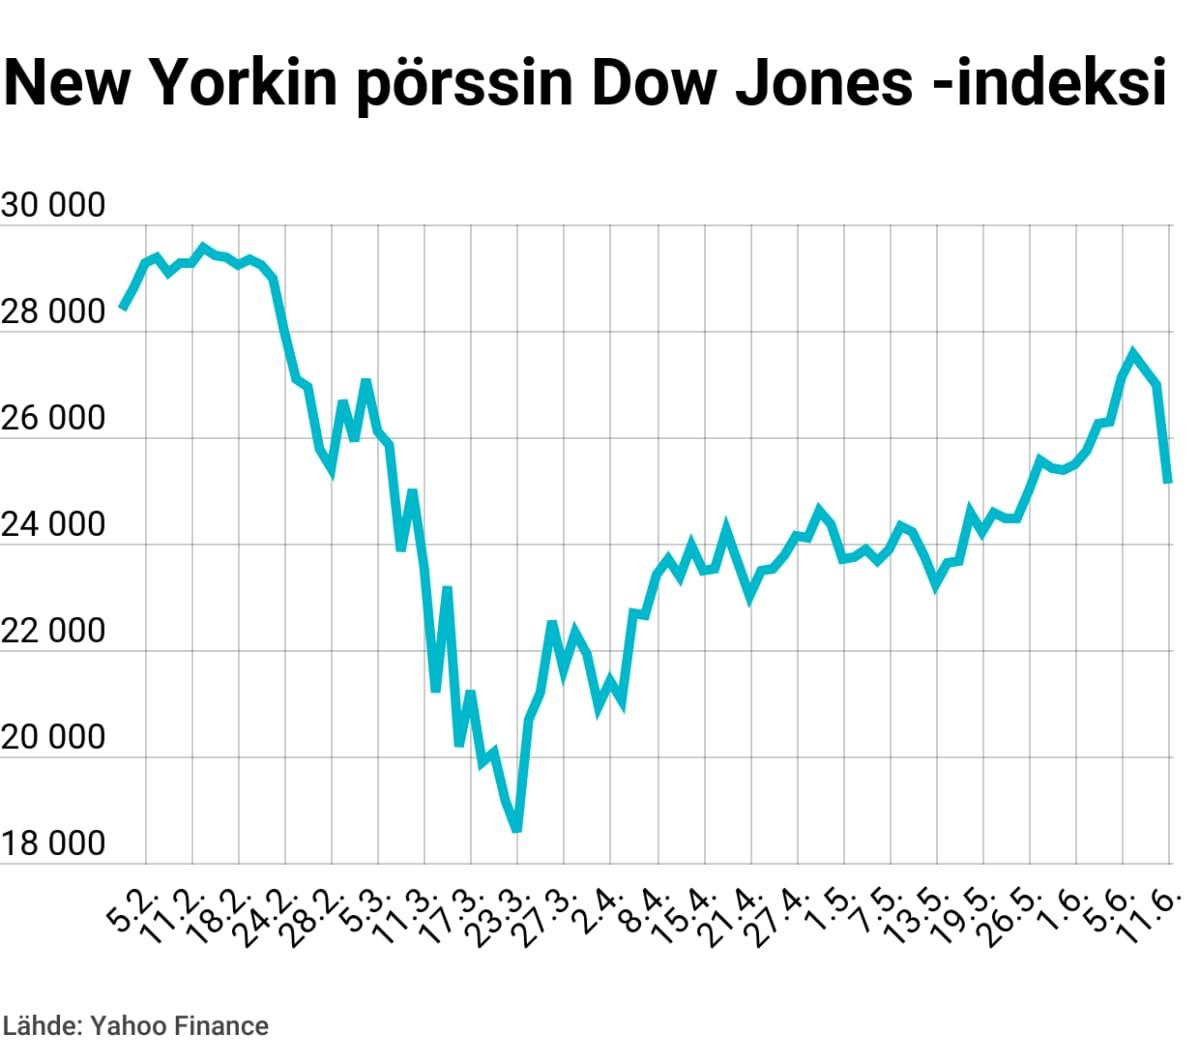 New Yorkin pörssin Dow Jones -indeksi